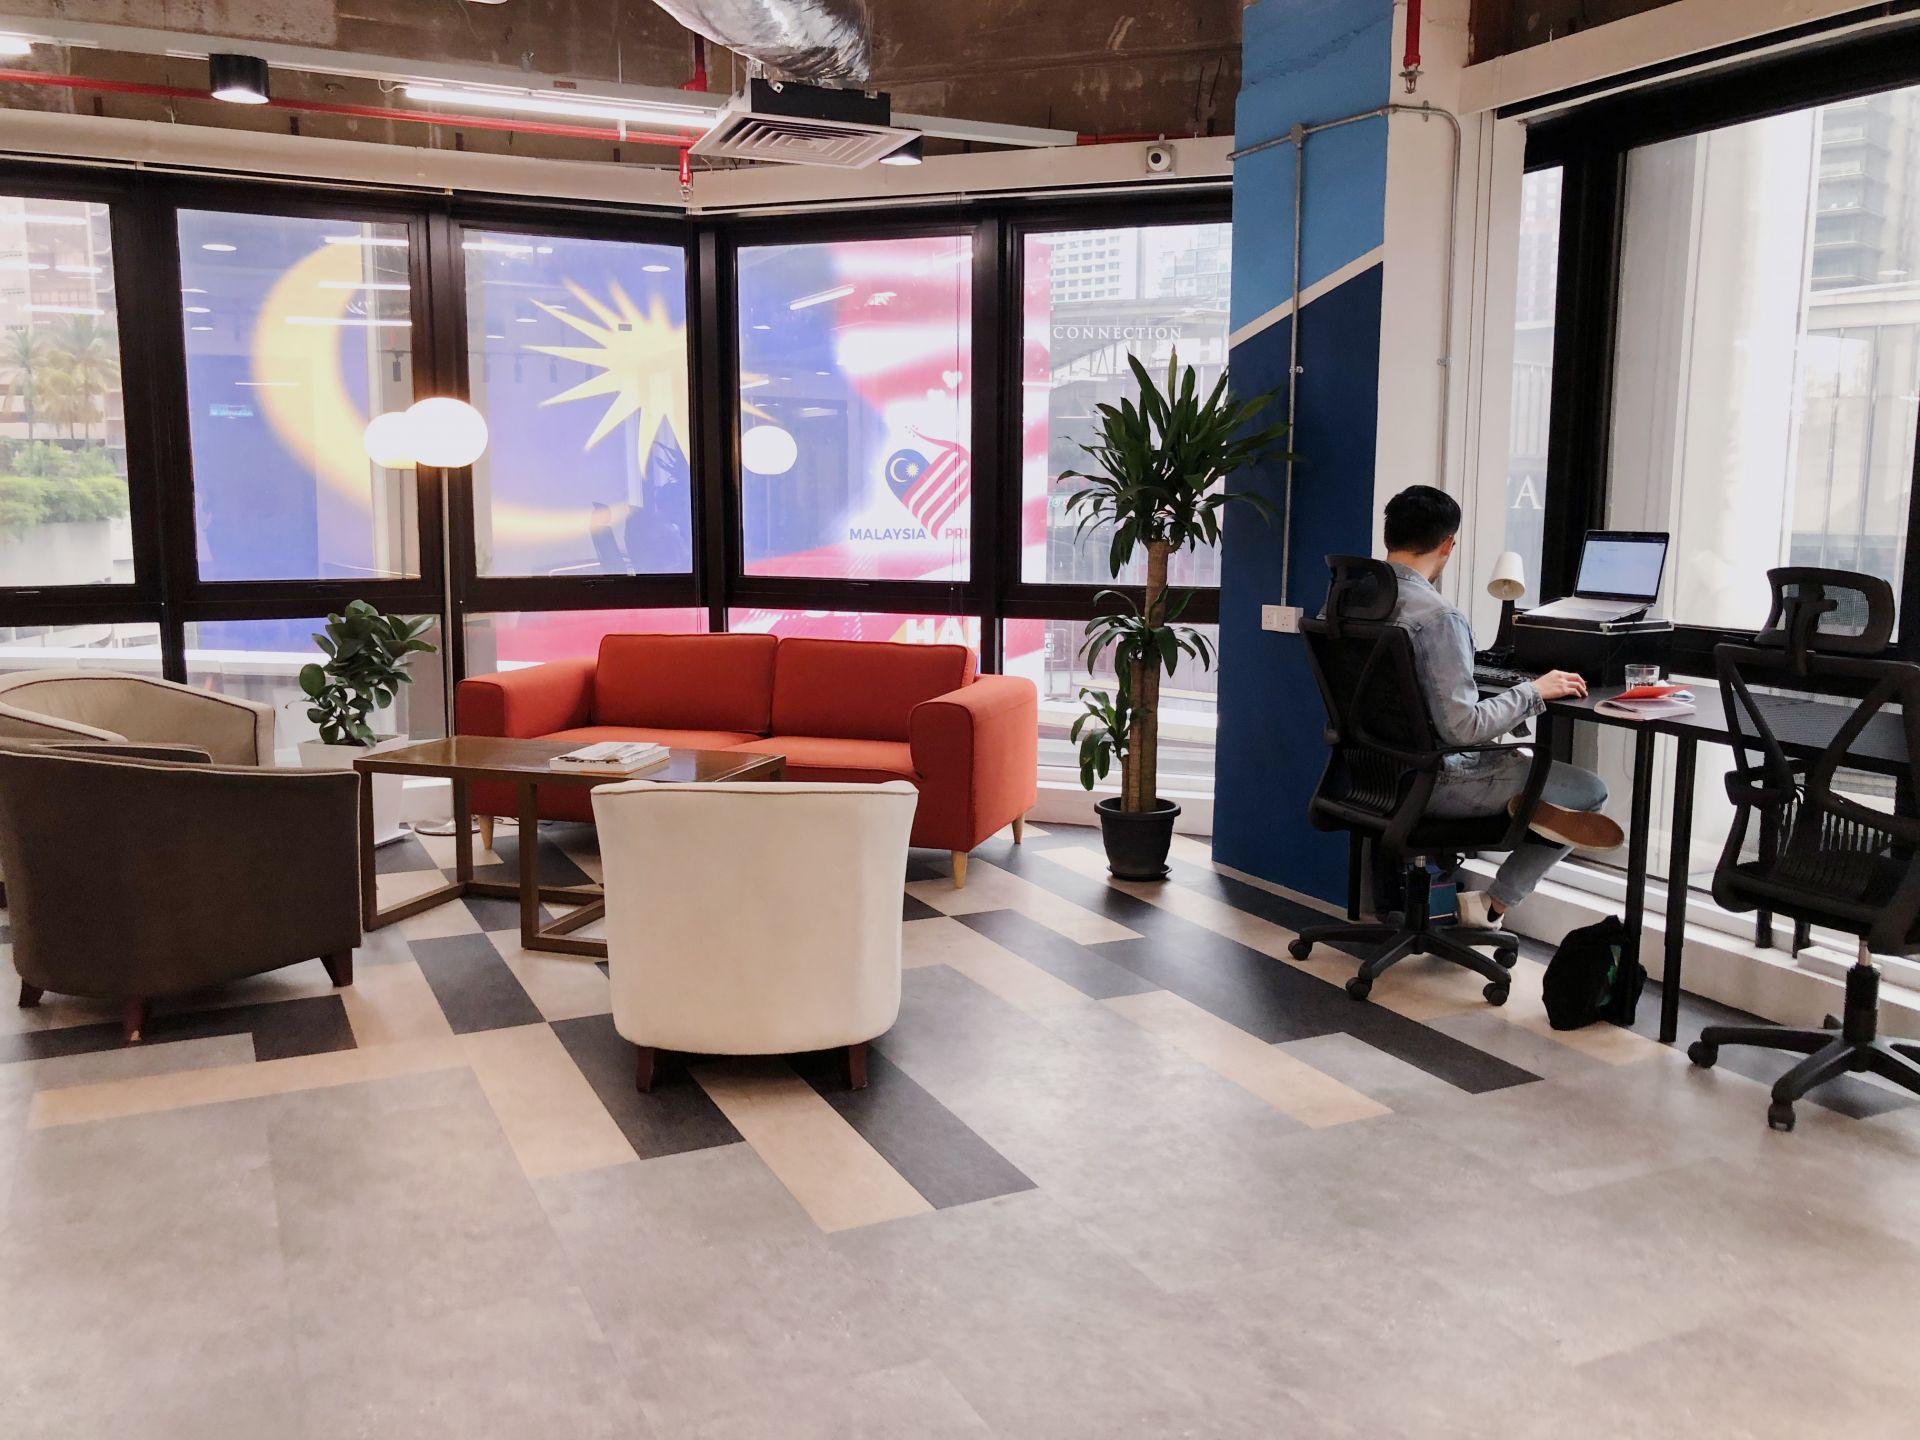 PAPER + TOAST x Seedspace Kuala Lumpur, Kuala Lumpur